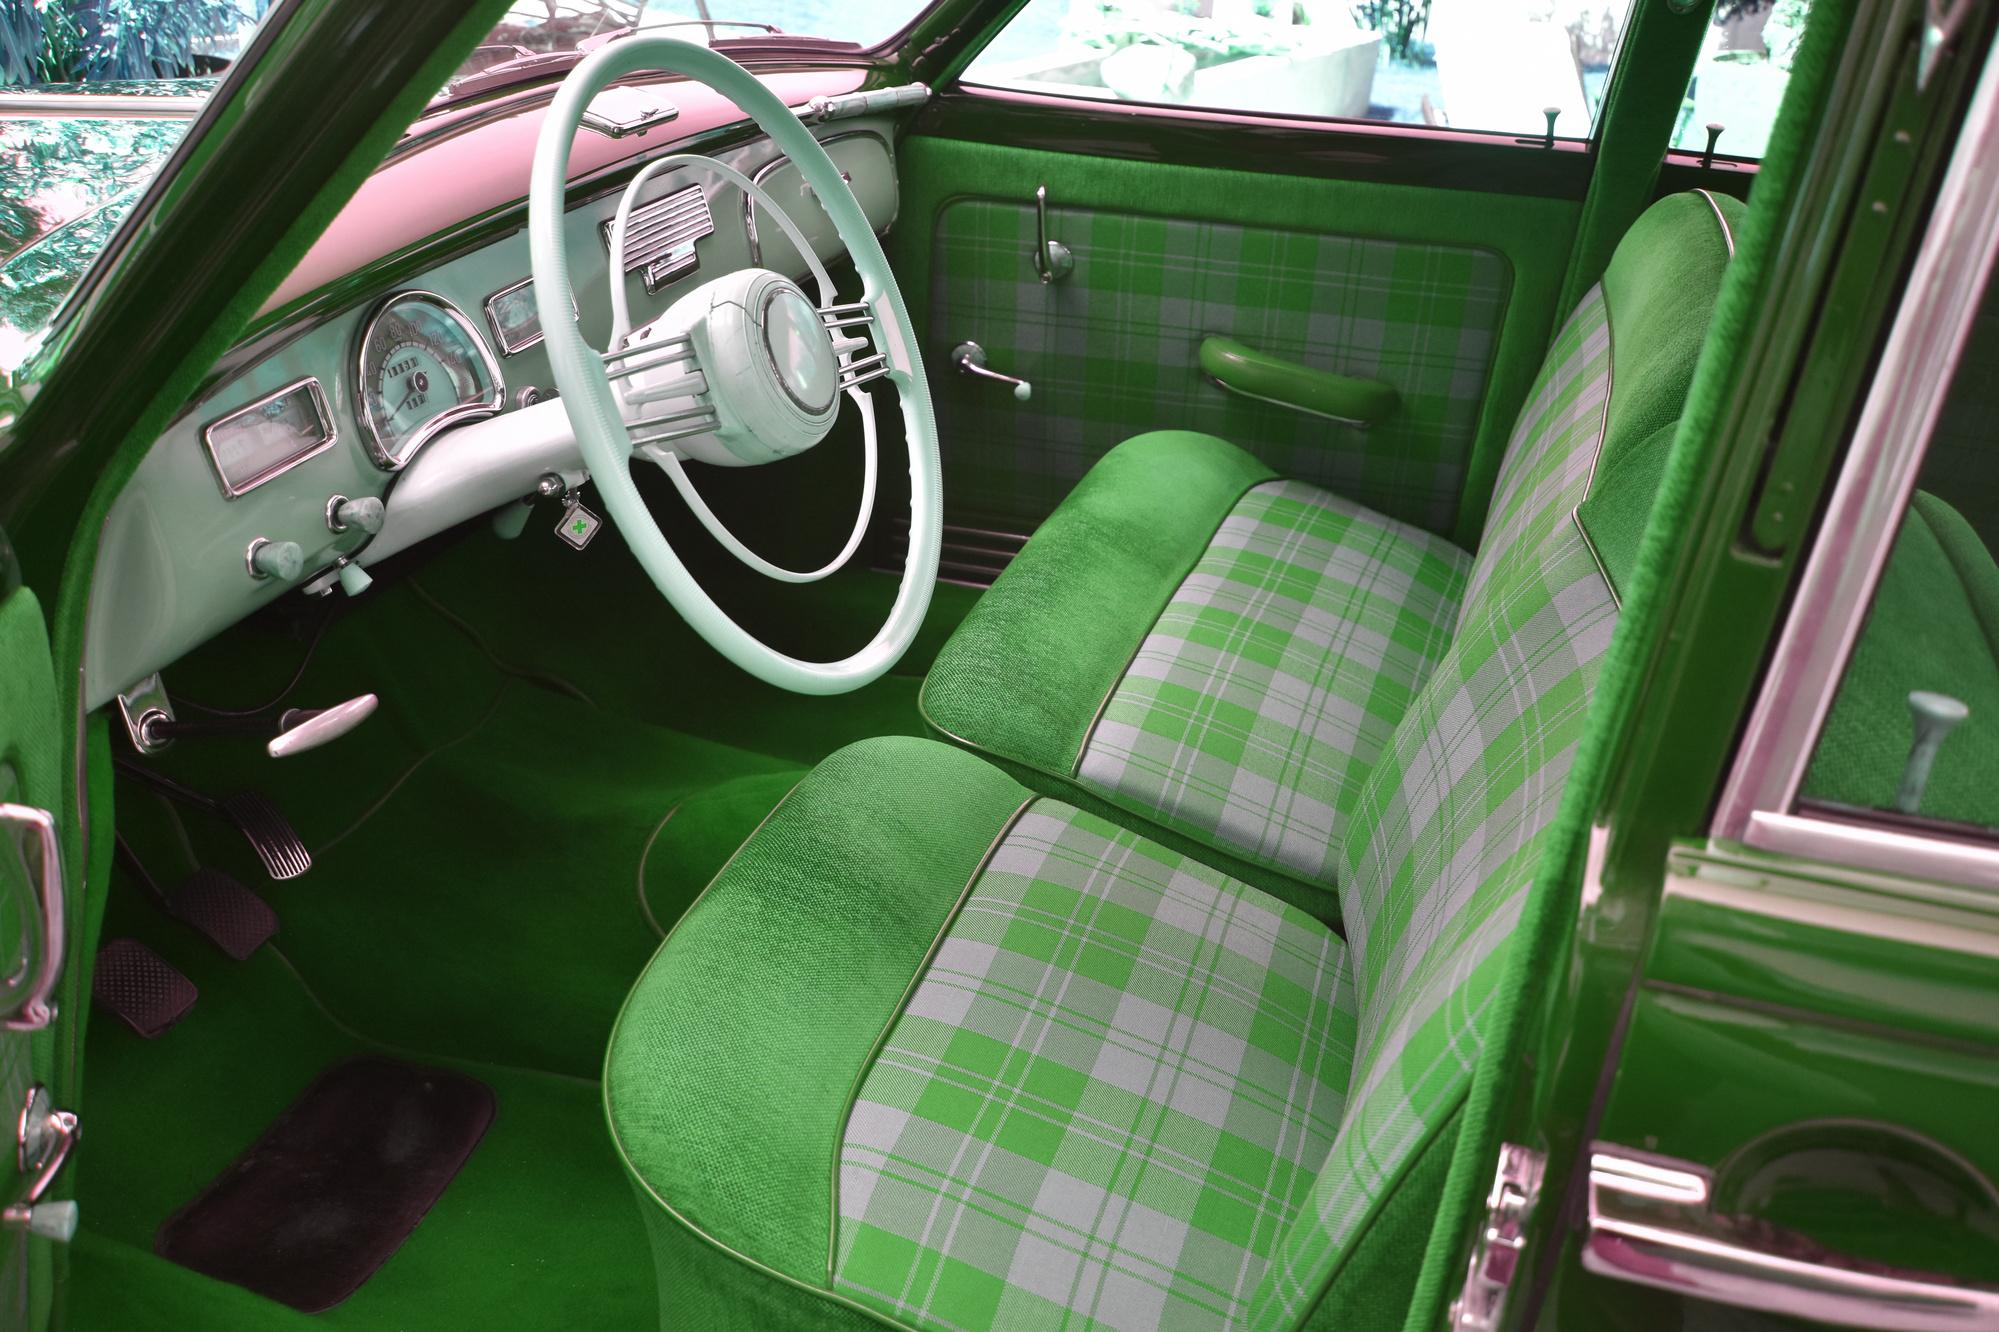 Rot-kariertes Interieur eines 1954 BMW 501-A classic cars mit Steuerrad, Instrumenten und Armaturenbrett